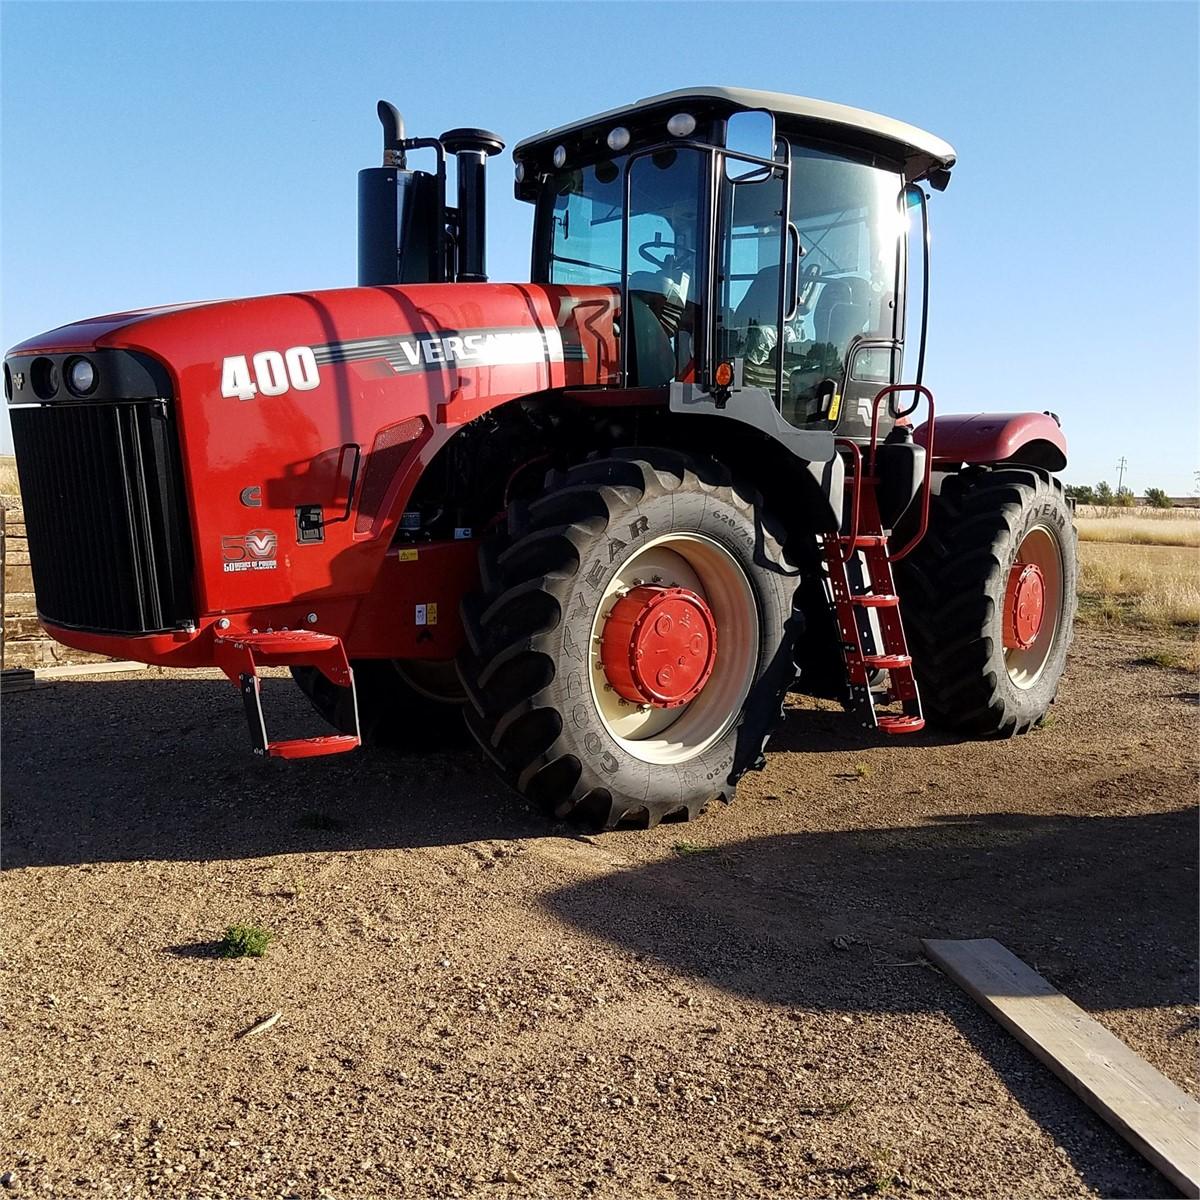 Farm Equipment For Sales: VERSATILE 400 For Sale